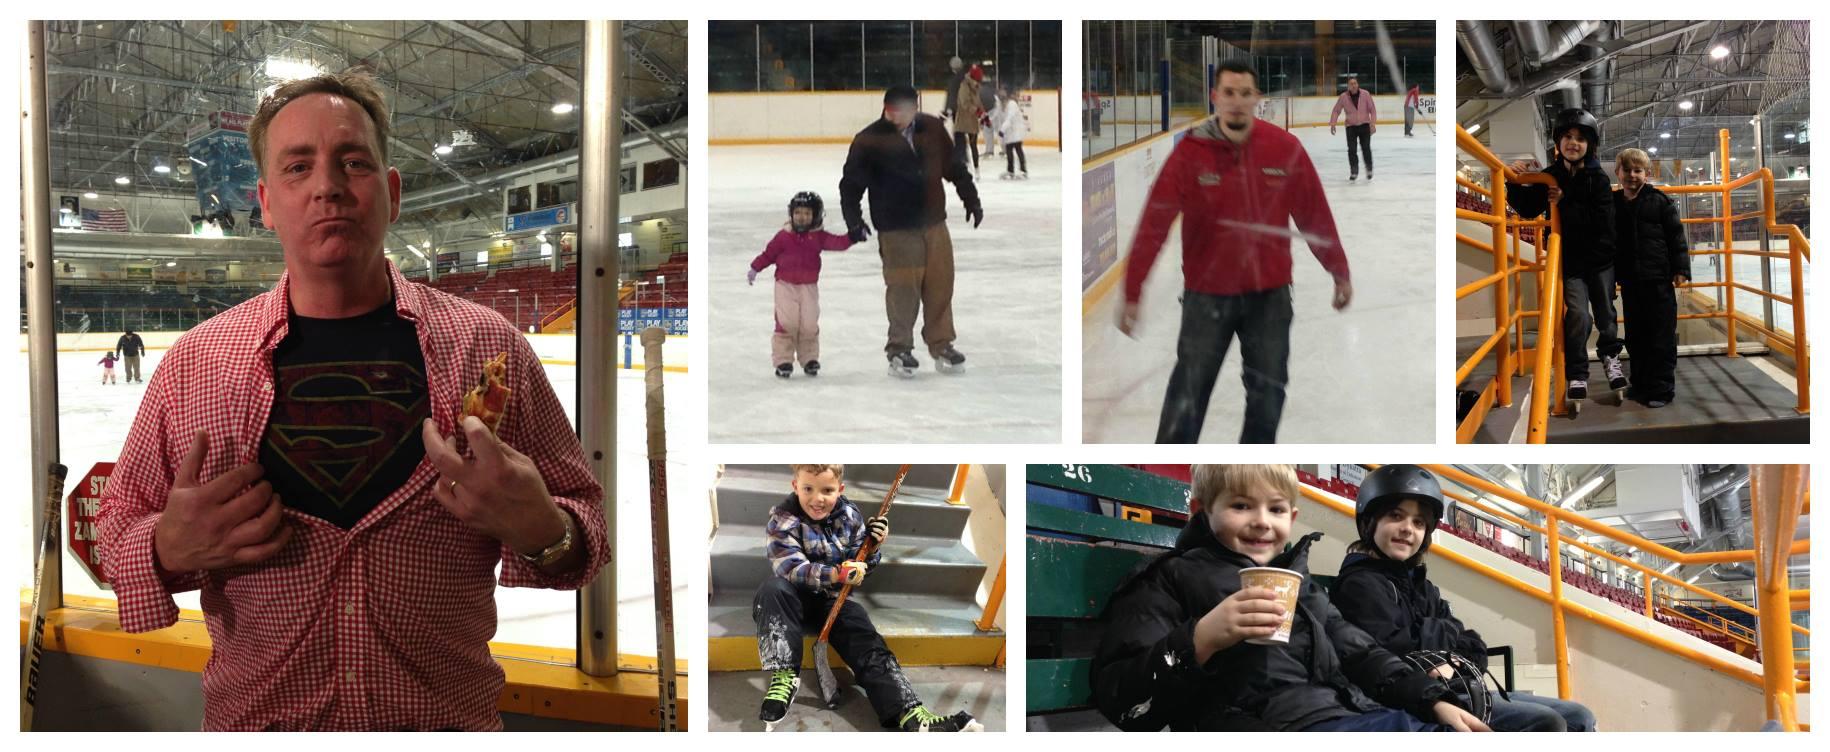 propack-family-skate-2015